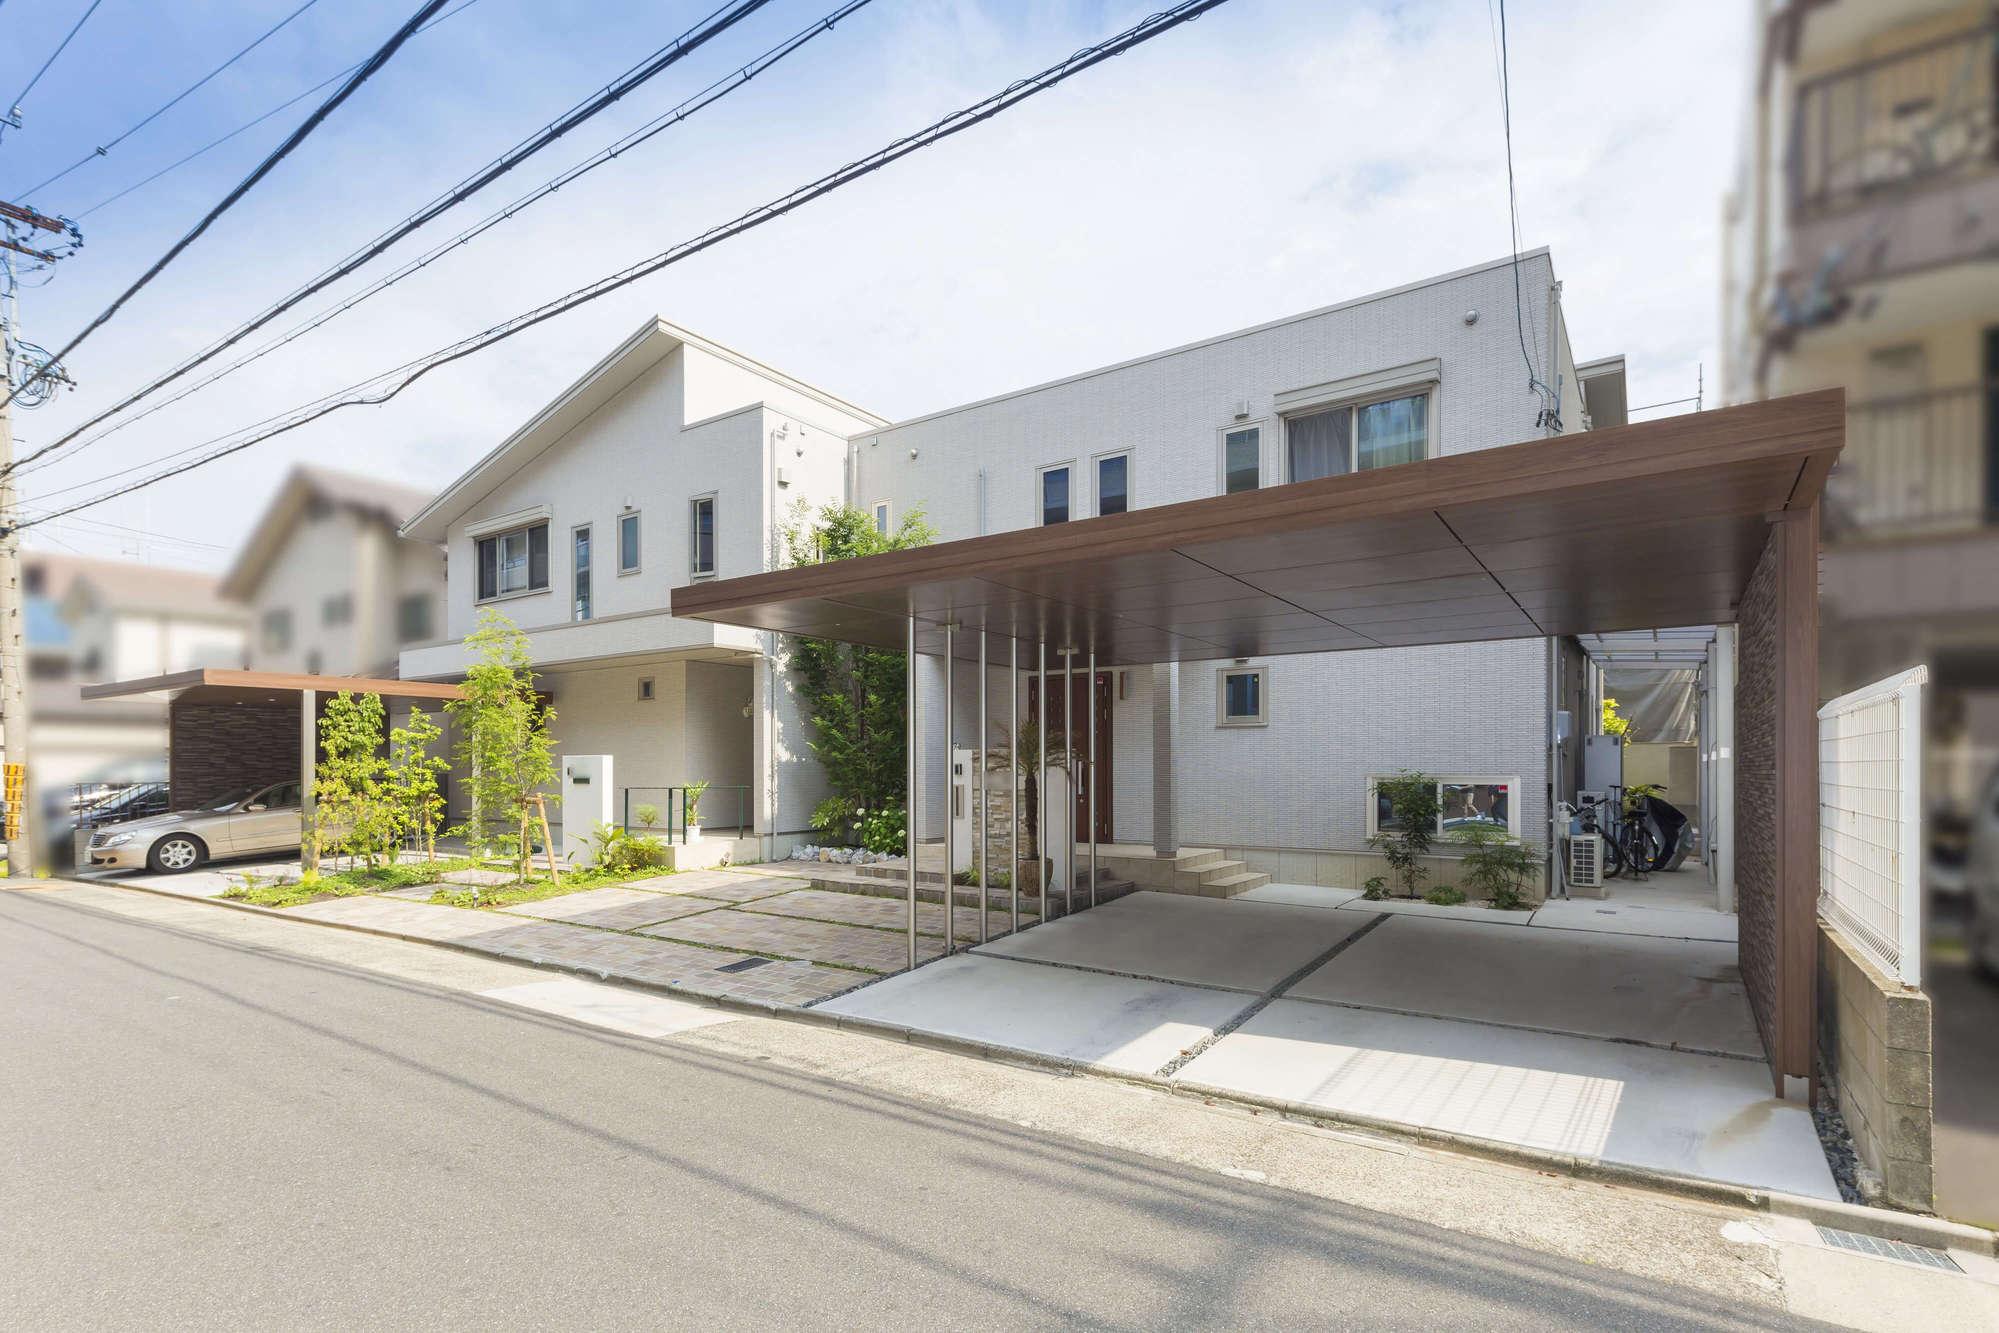 ダイワハウス リゾート風外構 新築外構 二世帯住宅 LIXIL エクステリア